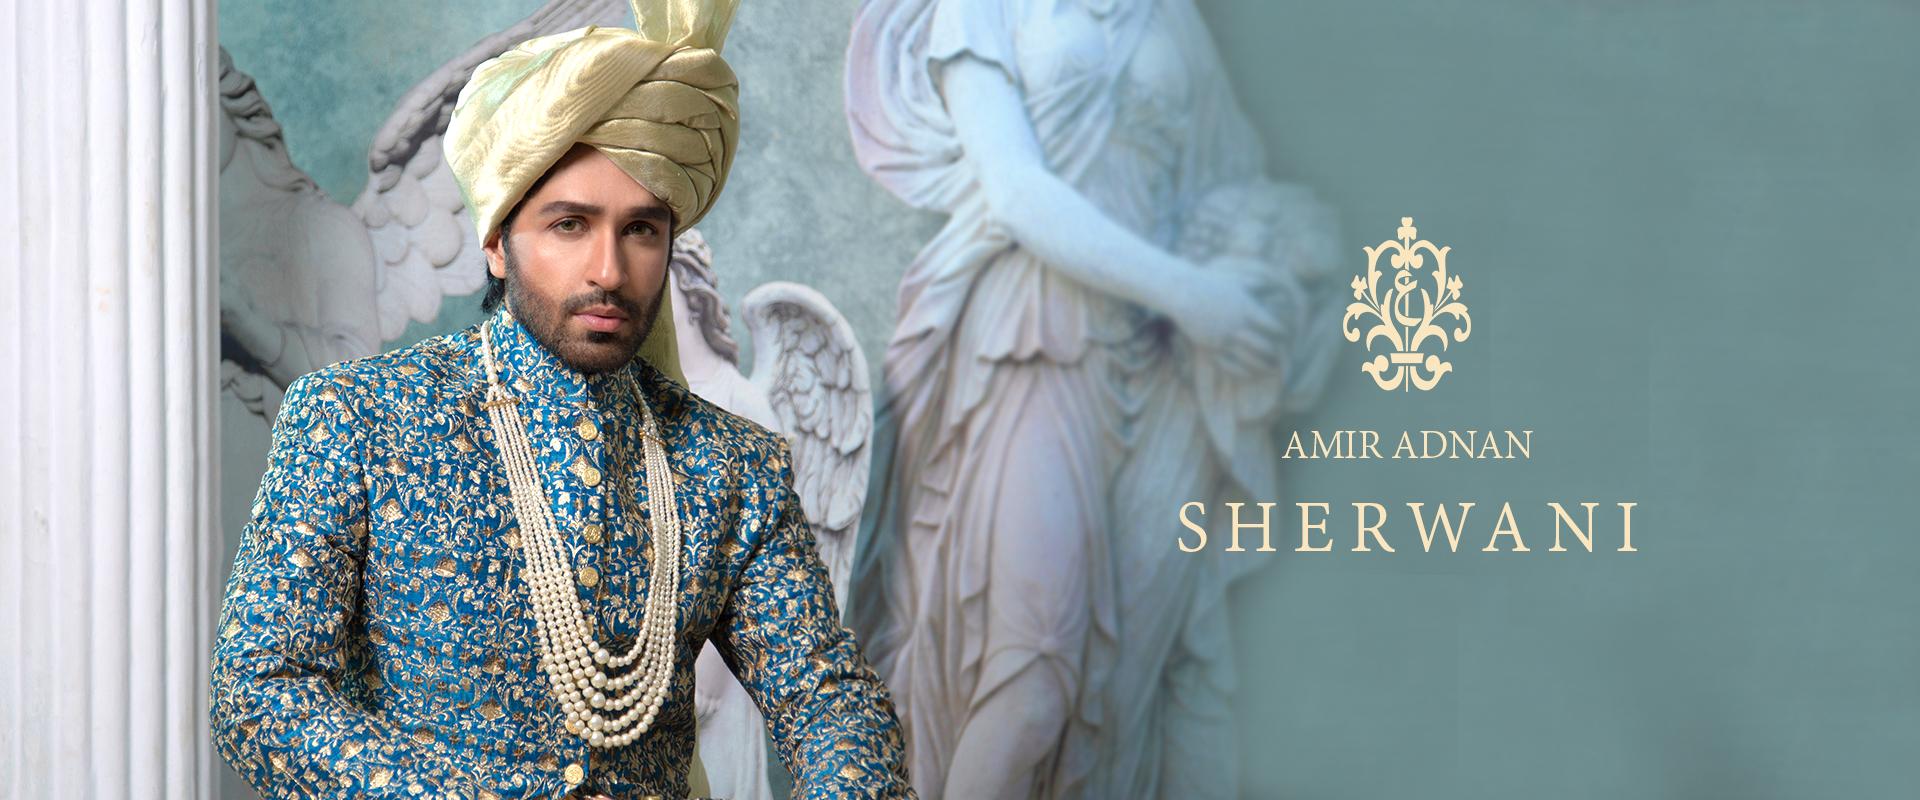 Amir Adnan Sherwani Collection 2021